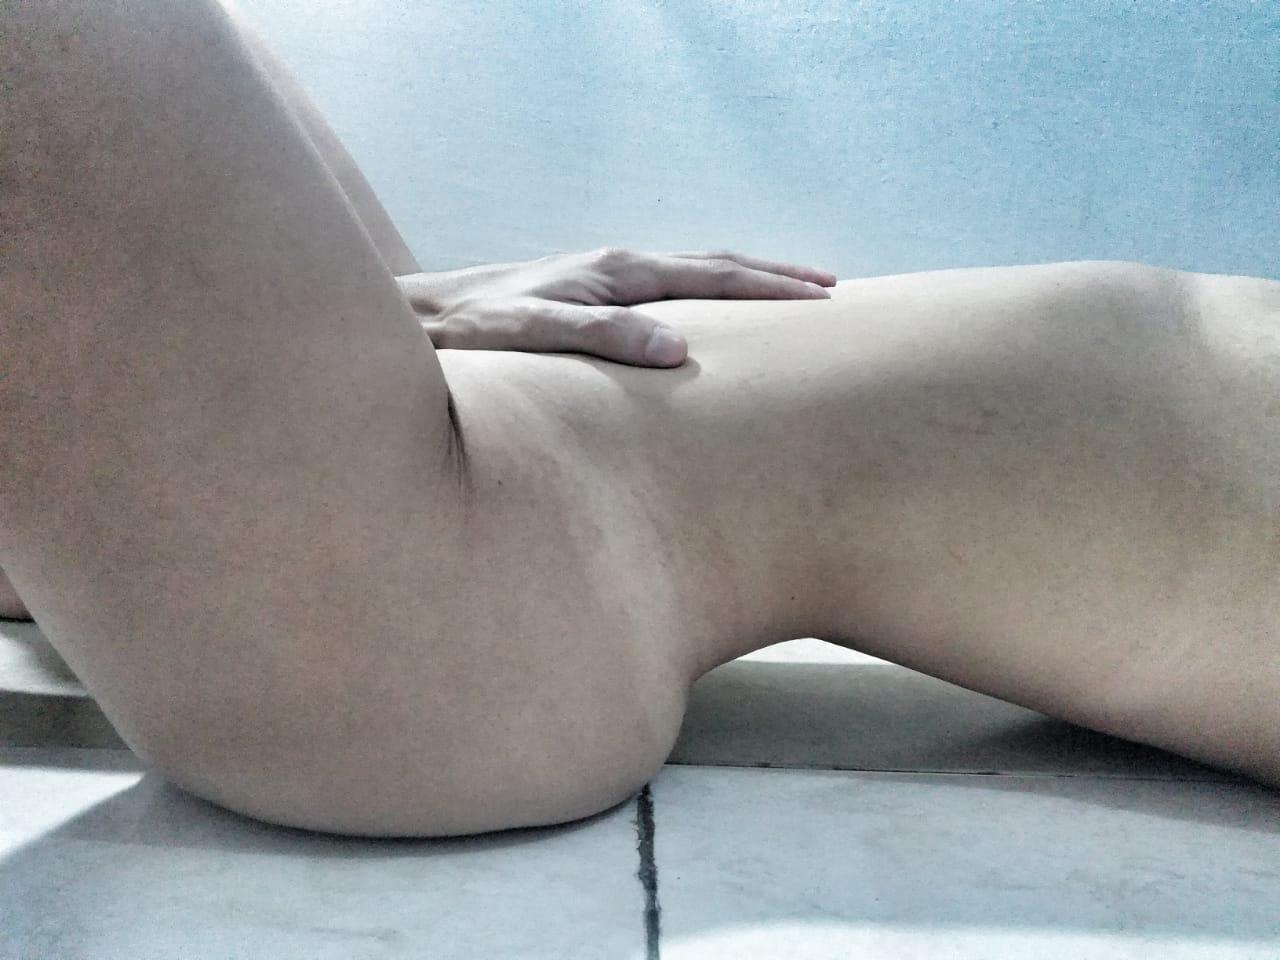 Sex horny?s=tubvv7cnn27otocyynijk8jrlyyons7llqtwotrvfz4=